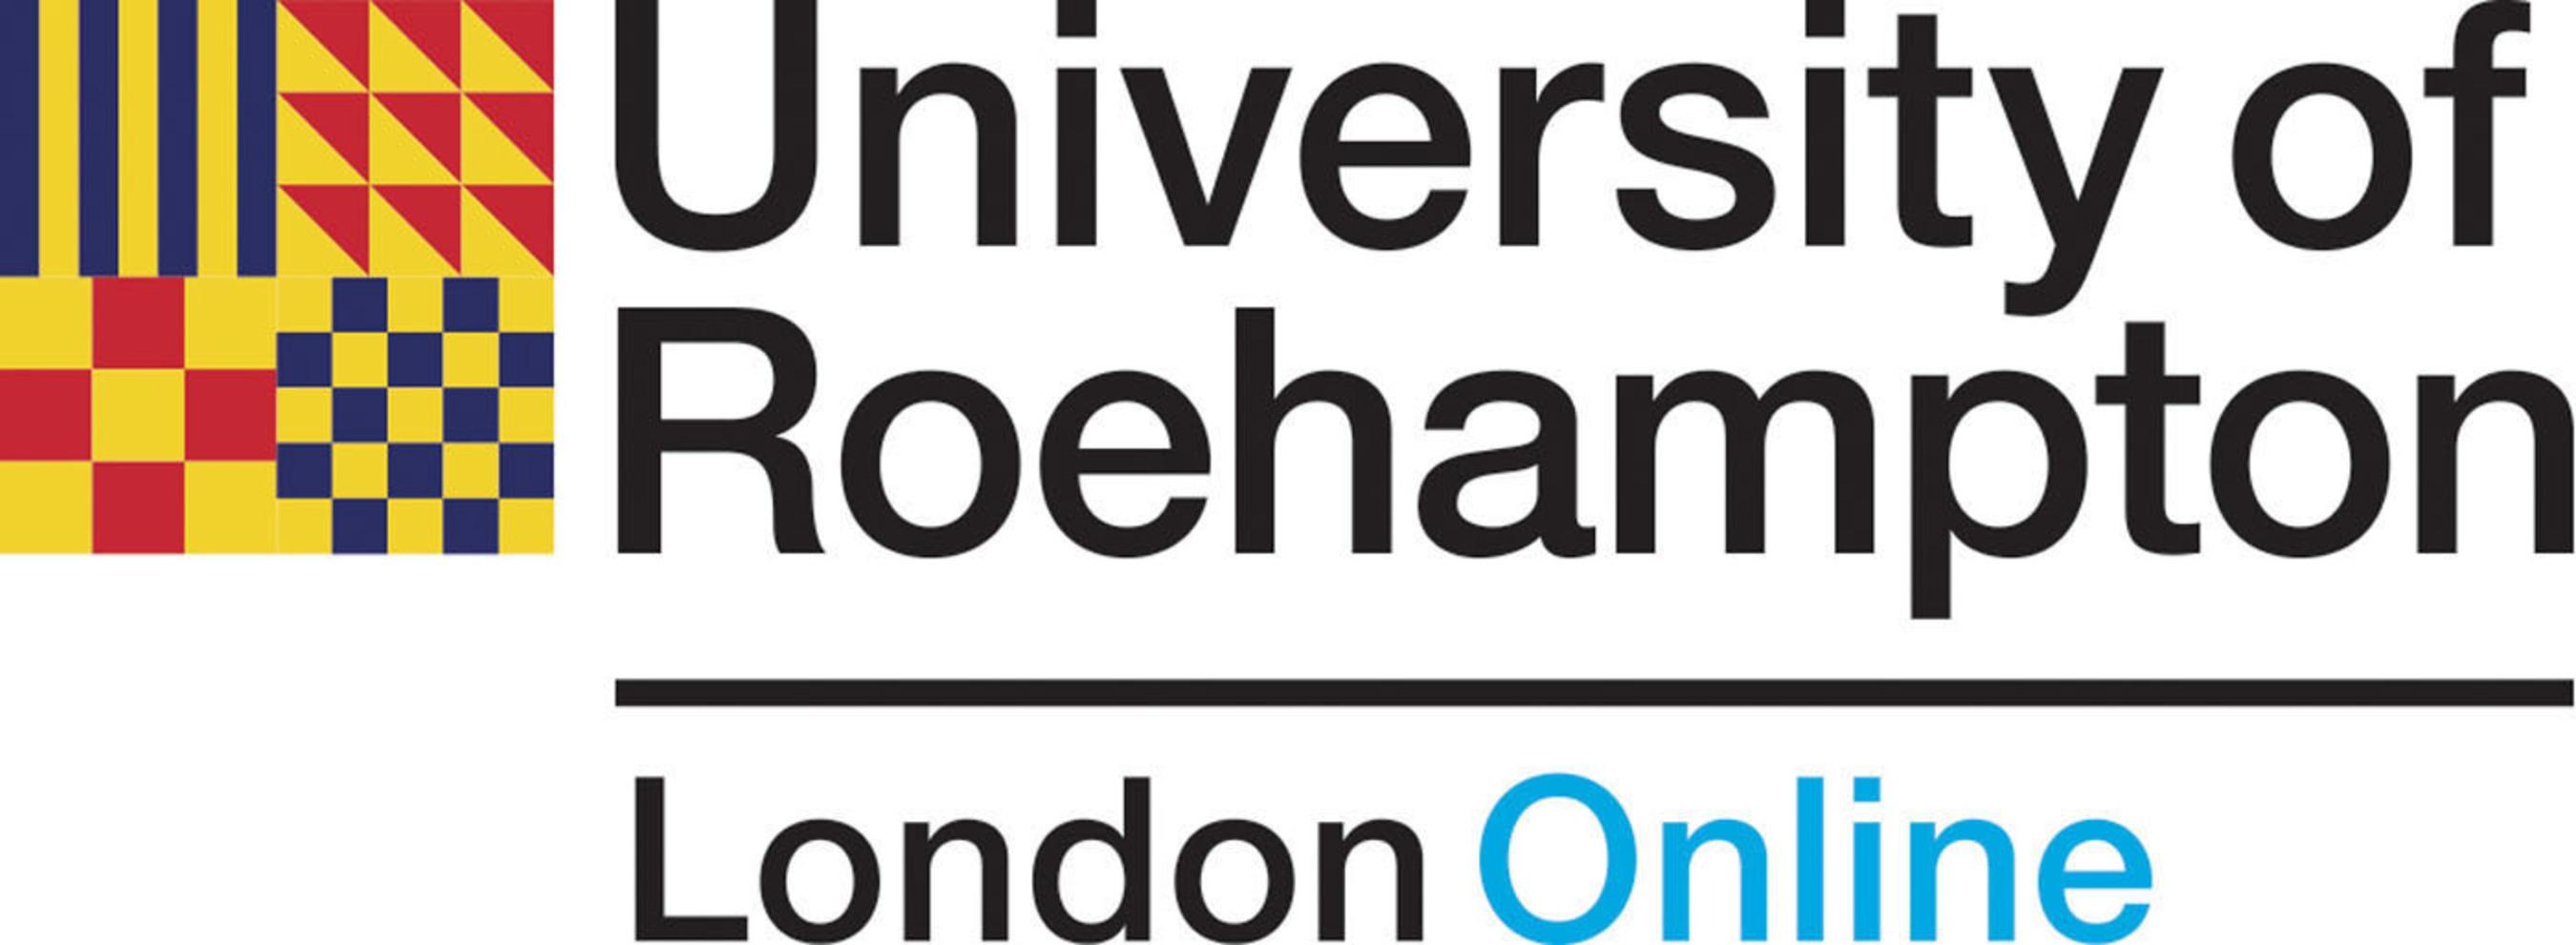 University of Roehampton, London Online.